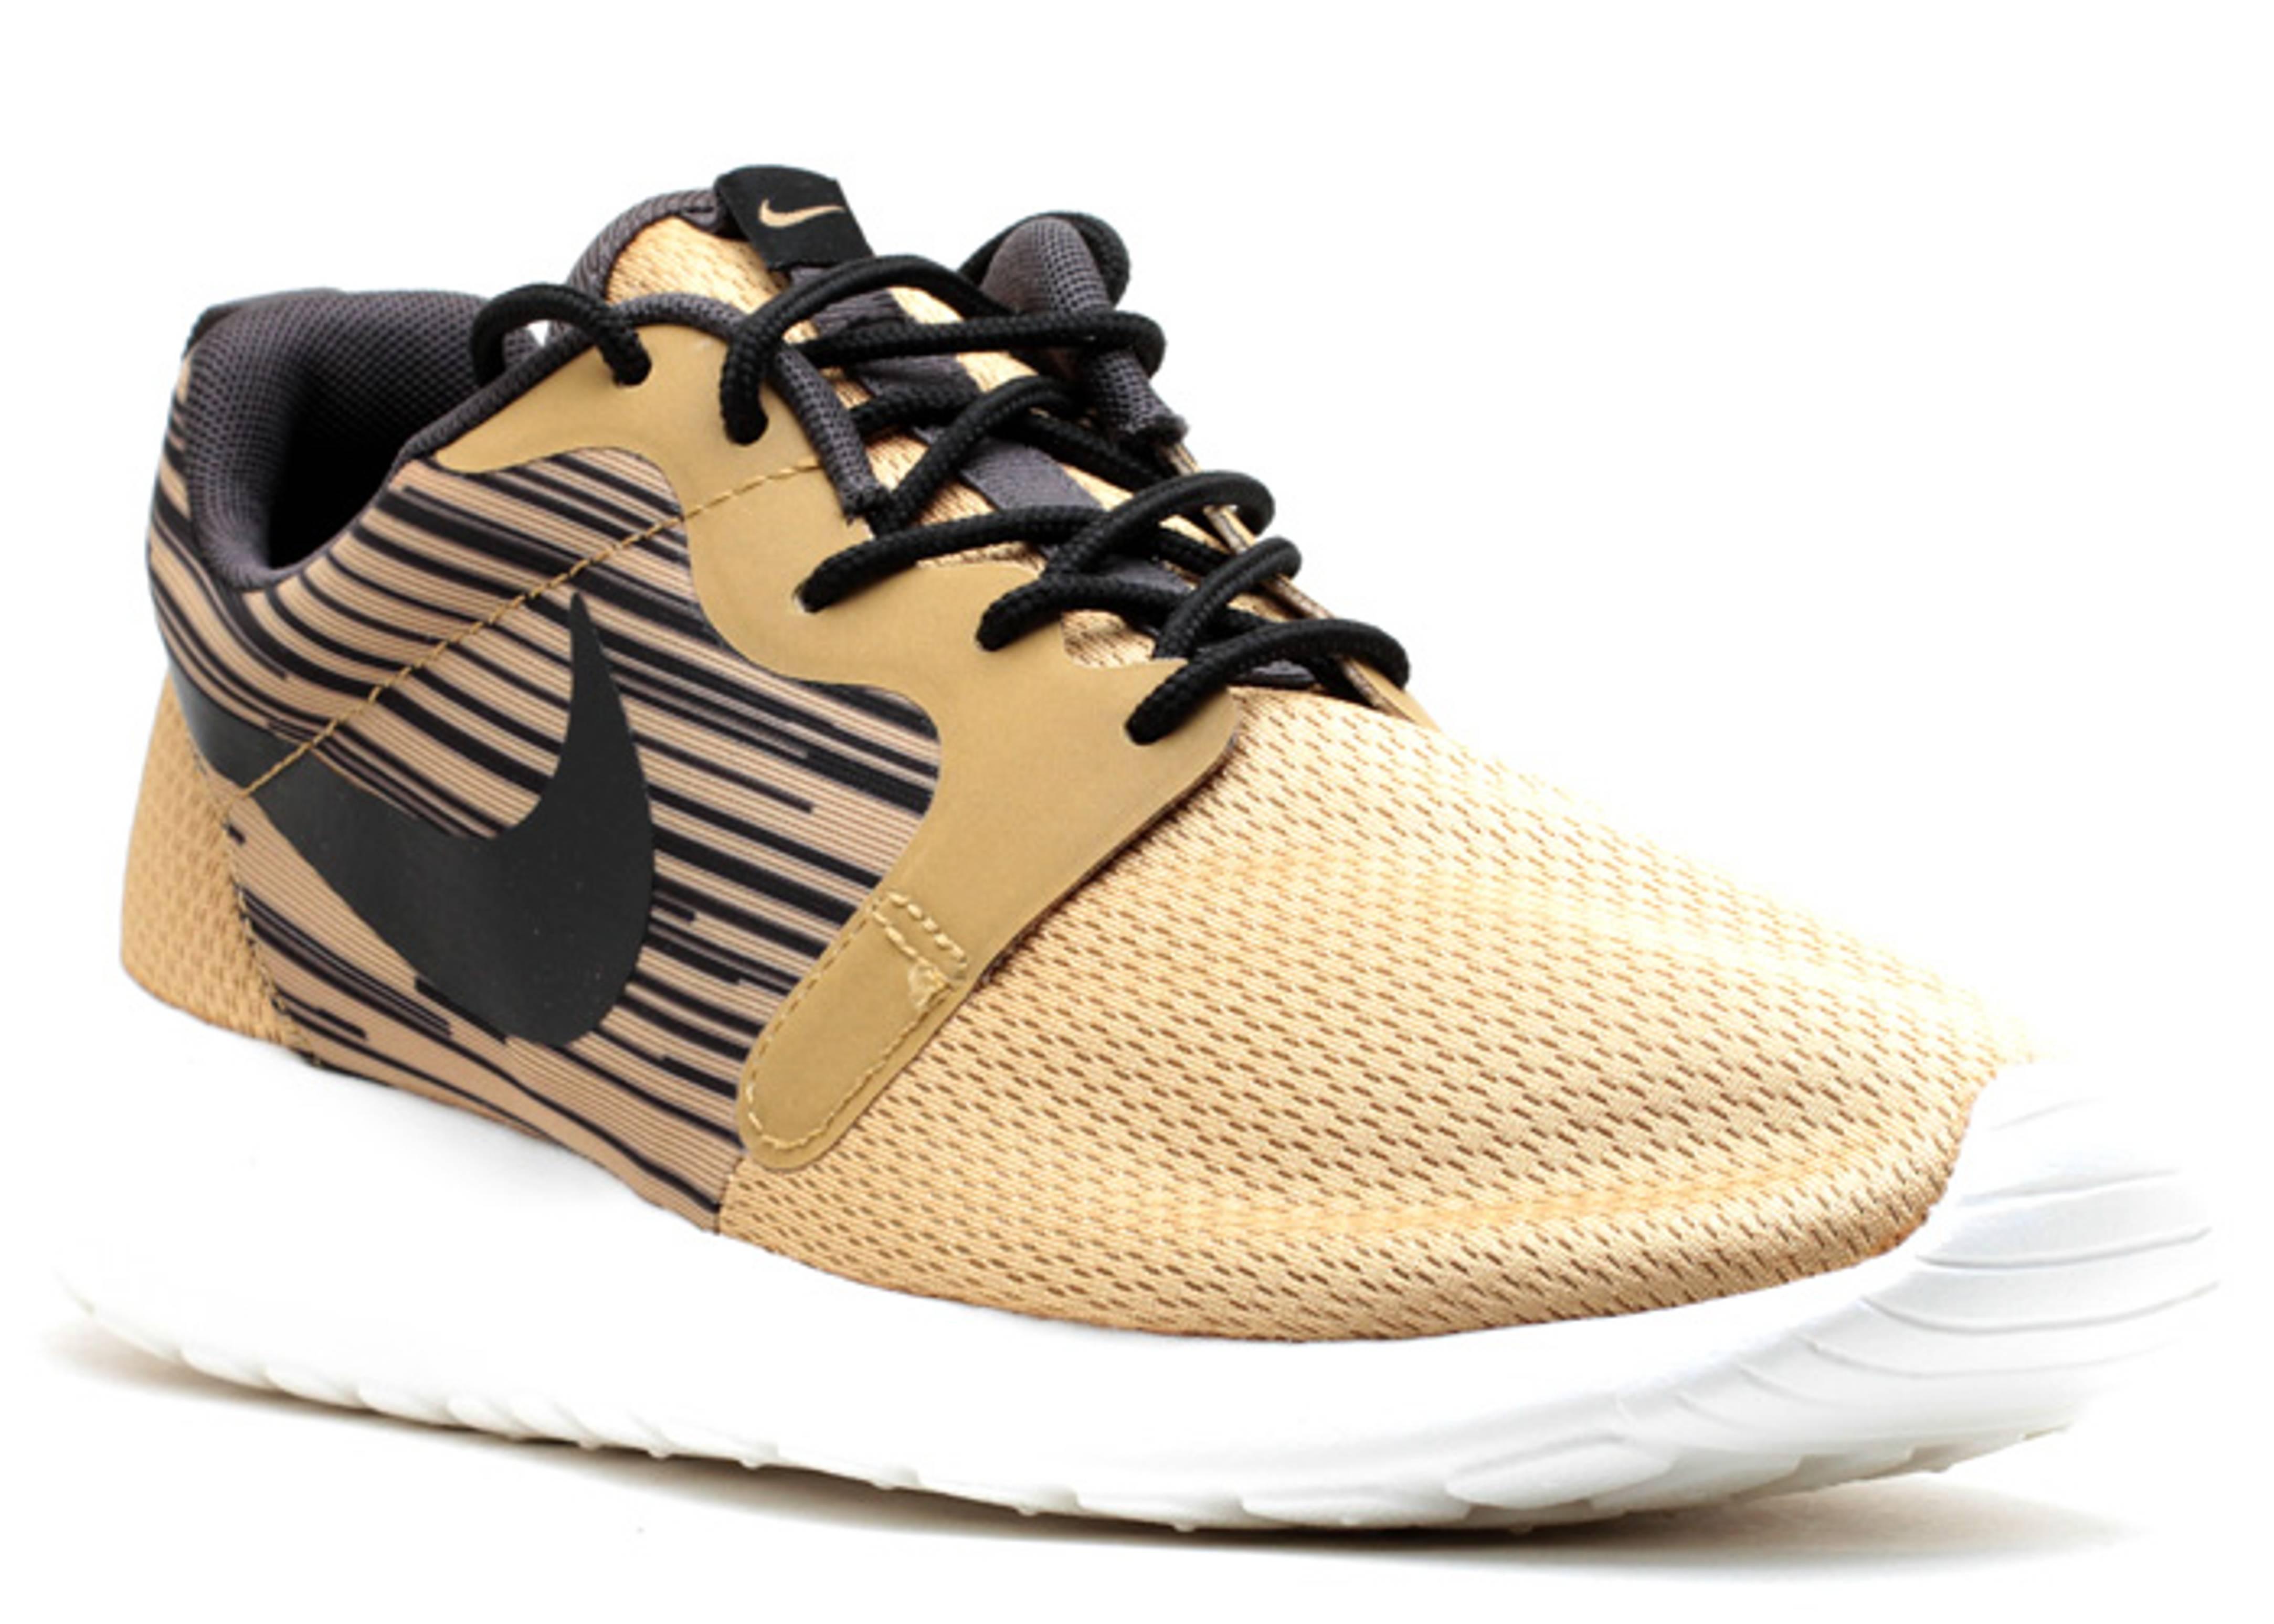 Roshe Run Gold Beige